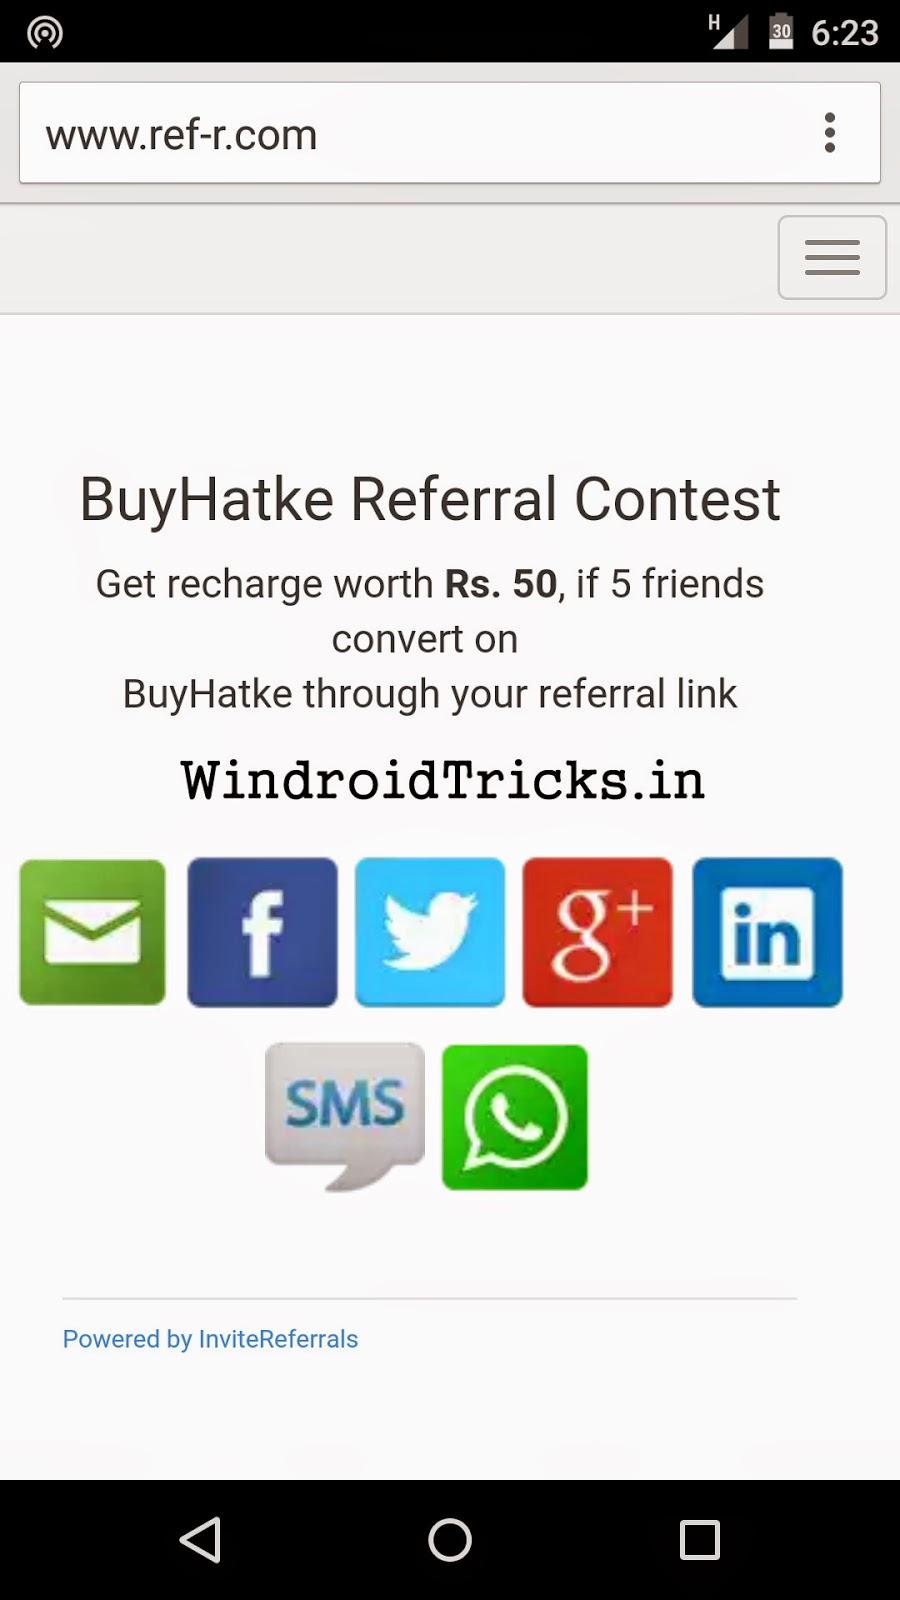 buyhatke-refer-coupon